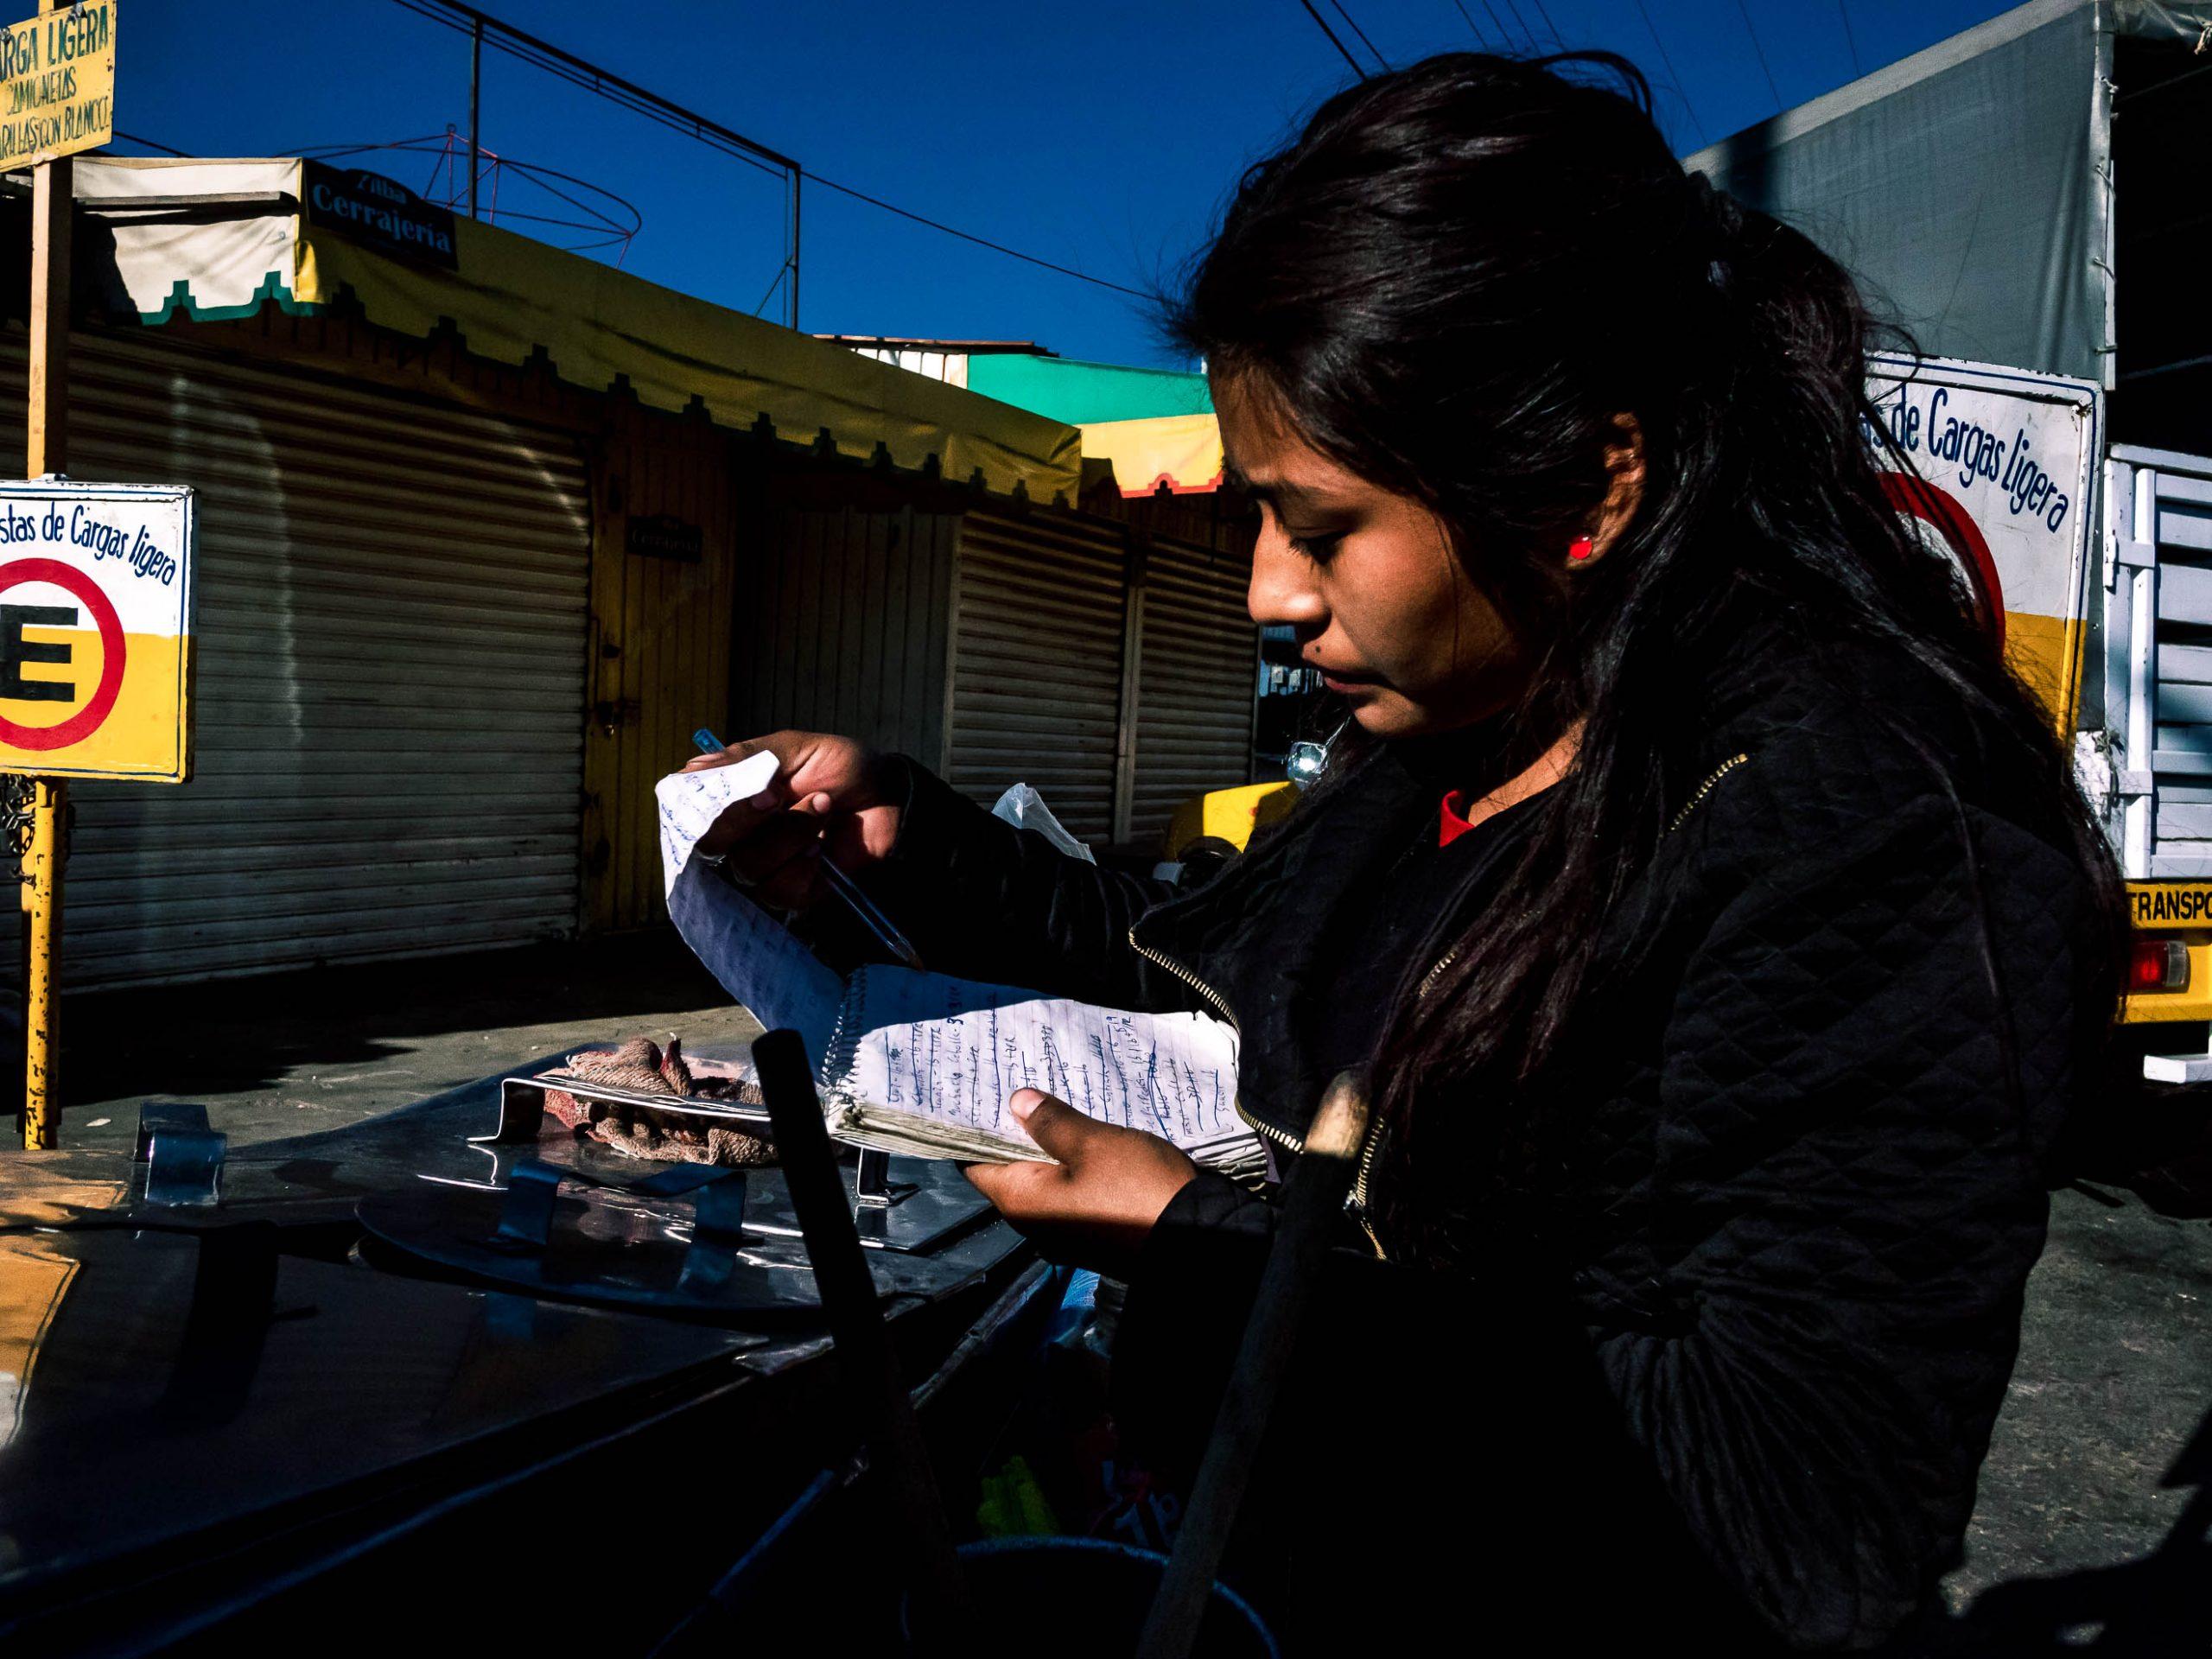 Junge Frau addiert die Einnahmen auf Mercado de Abasto in Oaxaca Mexiko